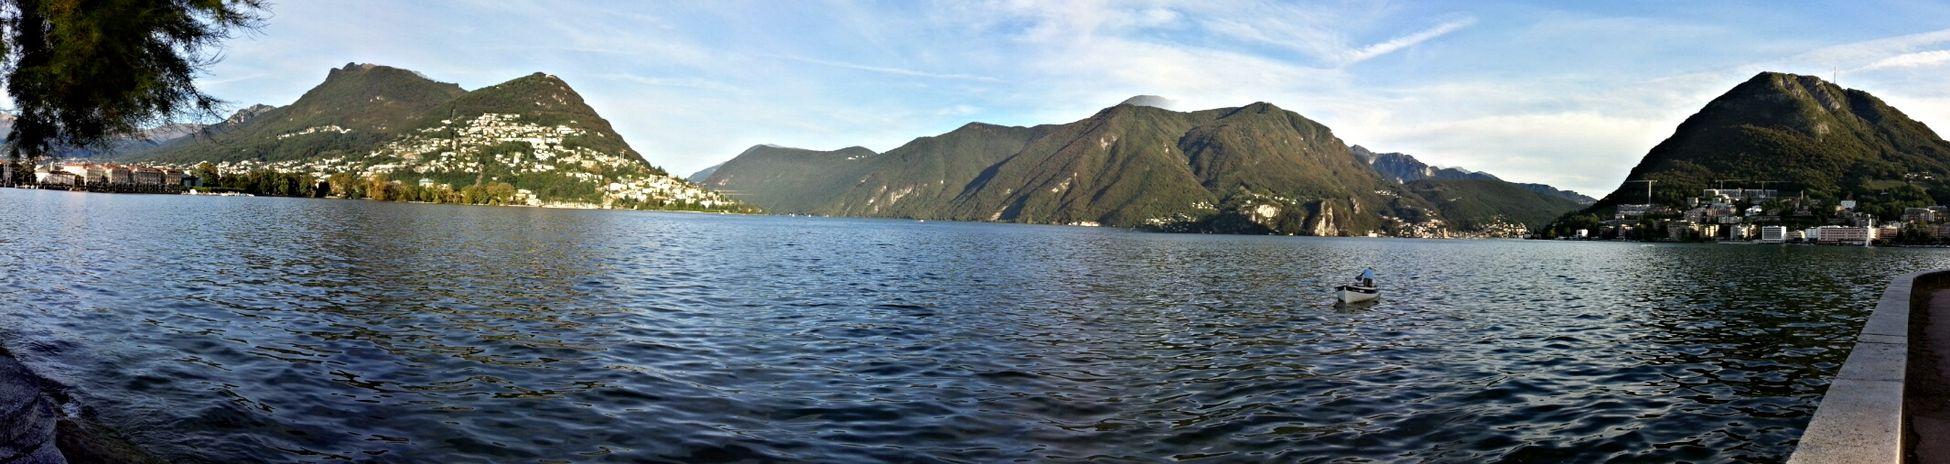 Luganolake Lago Di Lugano  Lifeboat Panoramic View